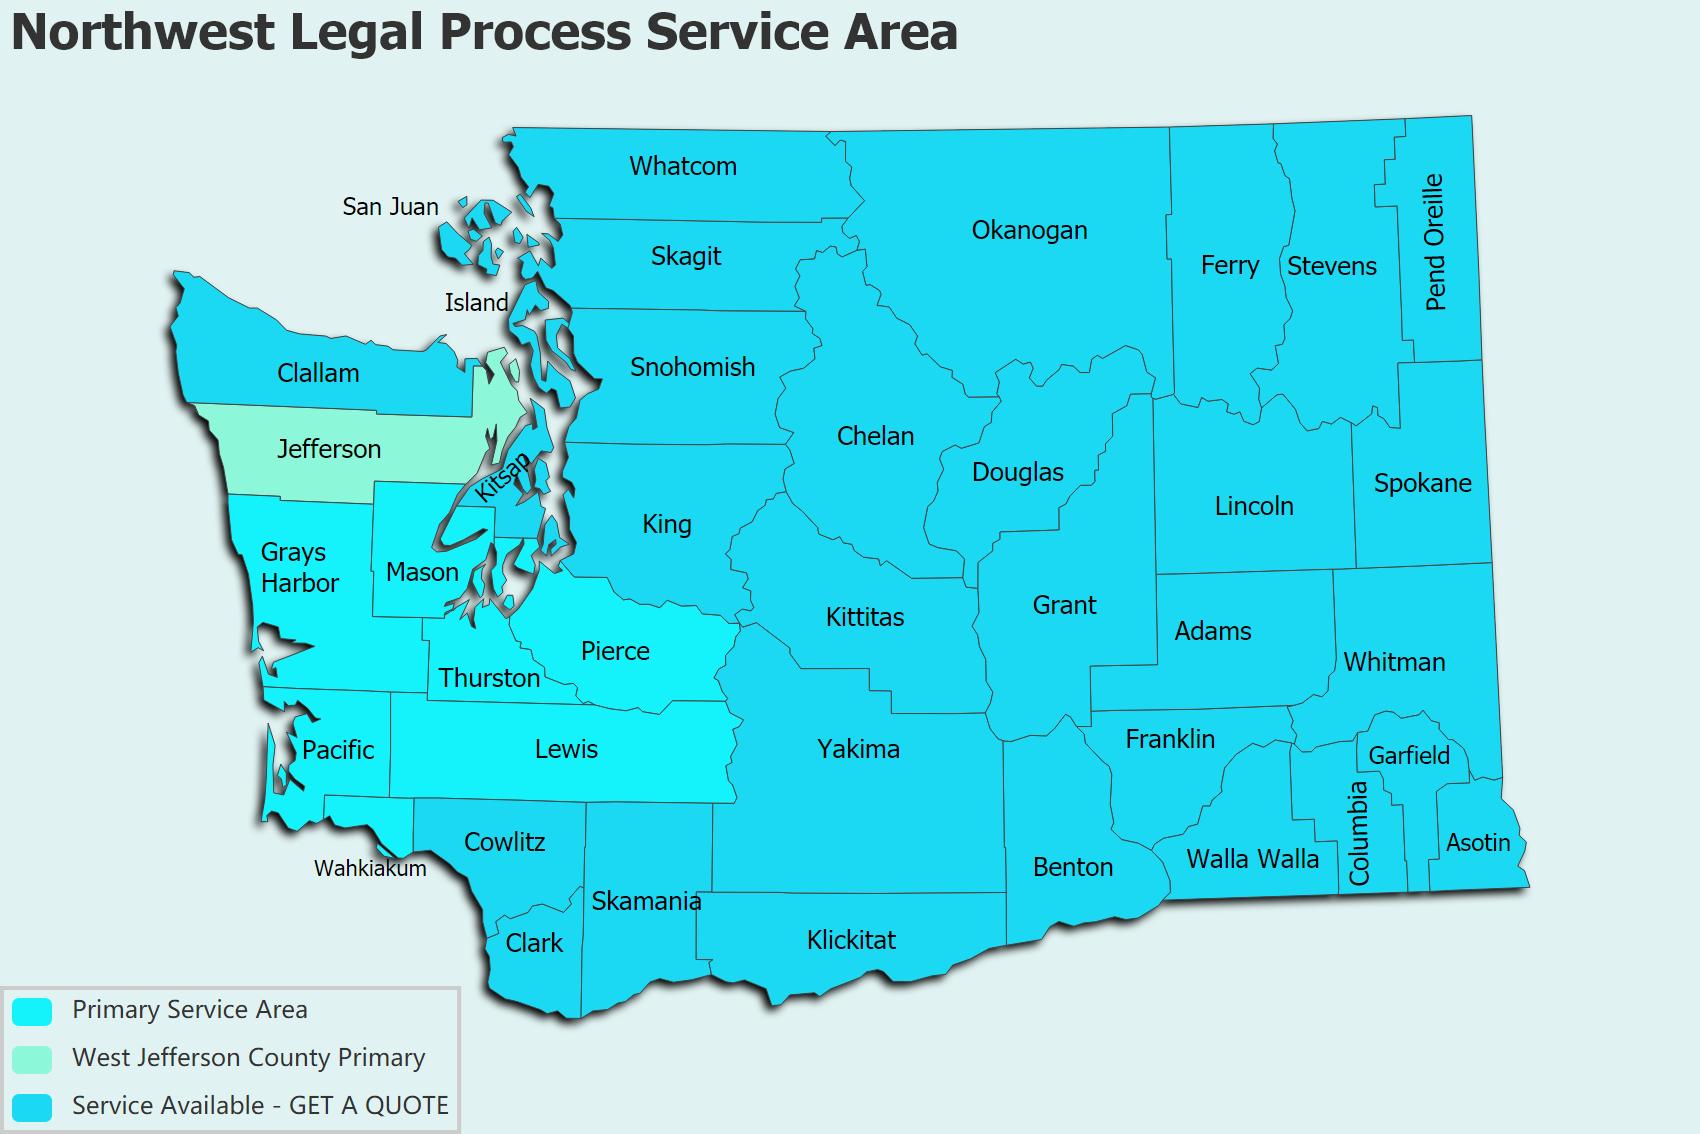 Northwest Legal Process Service Area